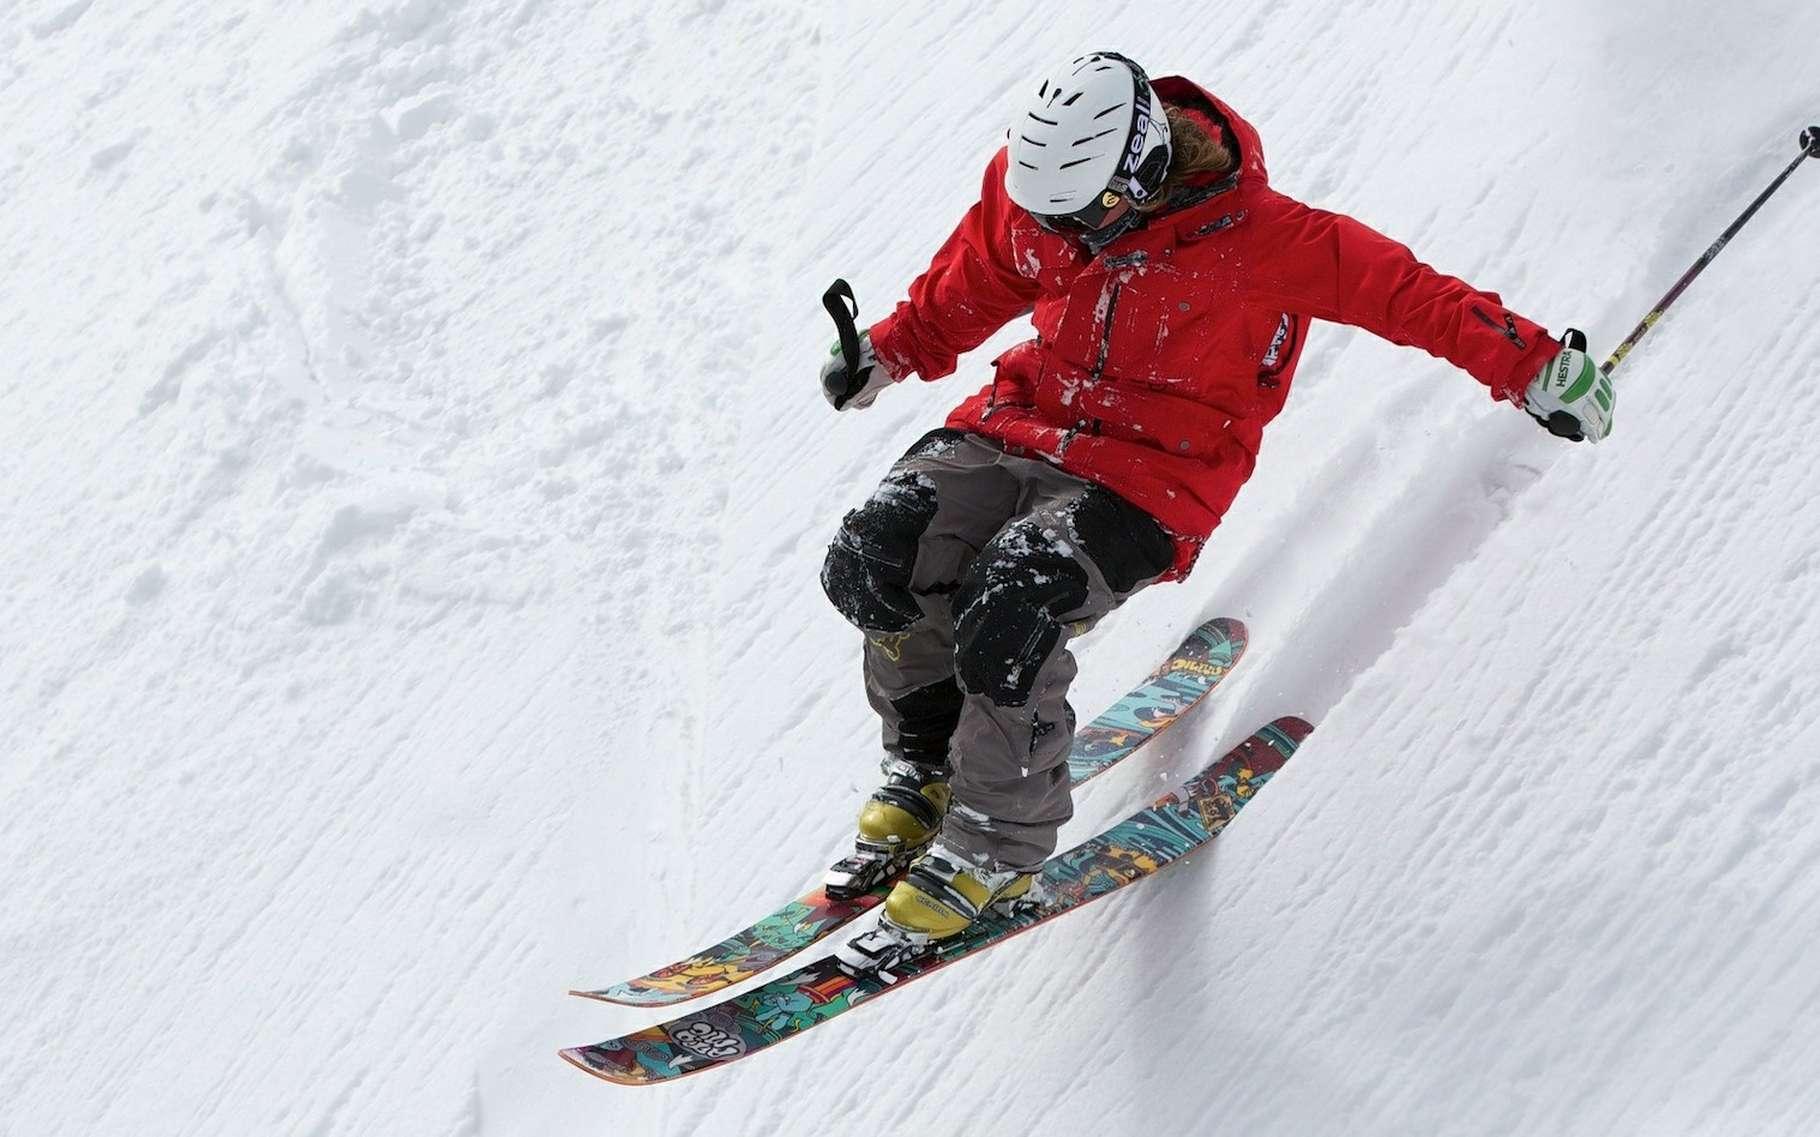 De nombreux produits sont fabriqués à partir de composites thermodurcissables. Dans les skis, un composite à matrice époxy renforcé de fibres de verre le plus souvent. © Up-Free, Pixabay, CC0 Creative Commons